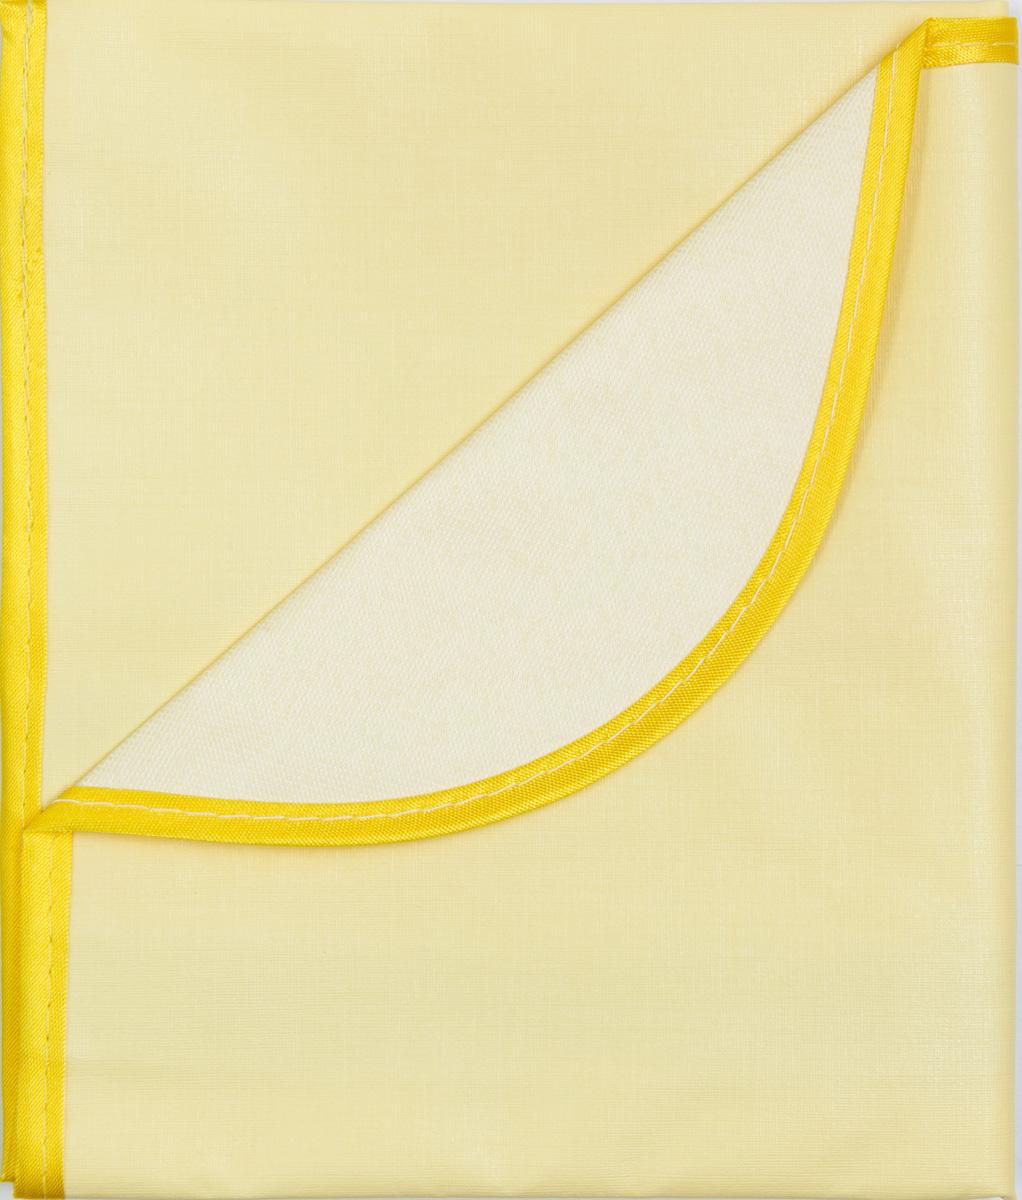 Колорит Клеенка подкладная с окантовкой цвет желтый 70 х 100 см0057_желтыйКлеенка подкладная с ПВХ покрытием Колорит, окантованная по краям тесьмой, предназначена для санитарно-гигиенических целей в качестве подкладного материала в медицинской практике и в домашних условиях. ПВХ покрытие влагонепроницаемо и обладает эффектом теплоотдачи, что исключает эффект холодного прикосновения. Микропористая структура поливинилхлоридного покрытия способствует профилактике пролежней и трофических проявлений. Клеенка окантована текстильной тесьмой, что помогает надолго сохранить опрятный внешний вид.